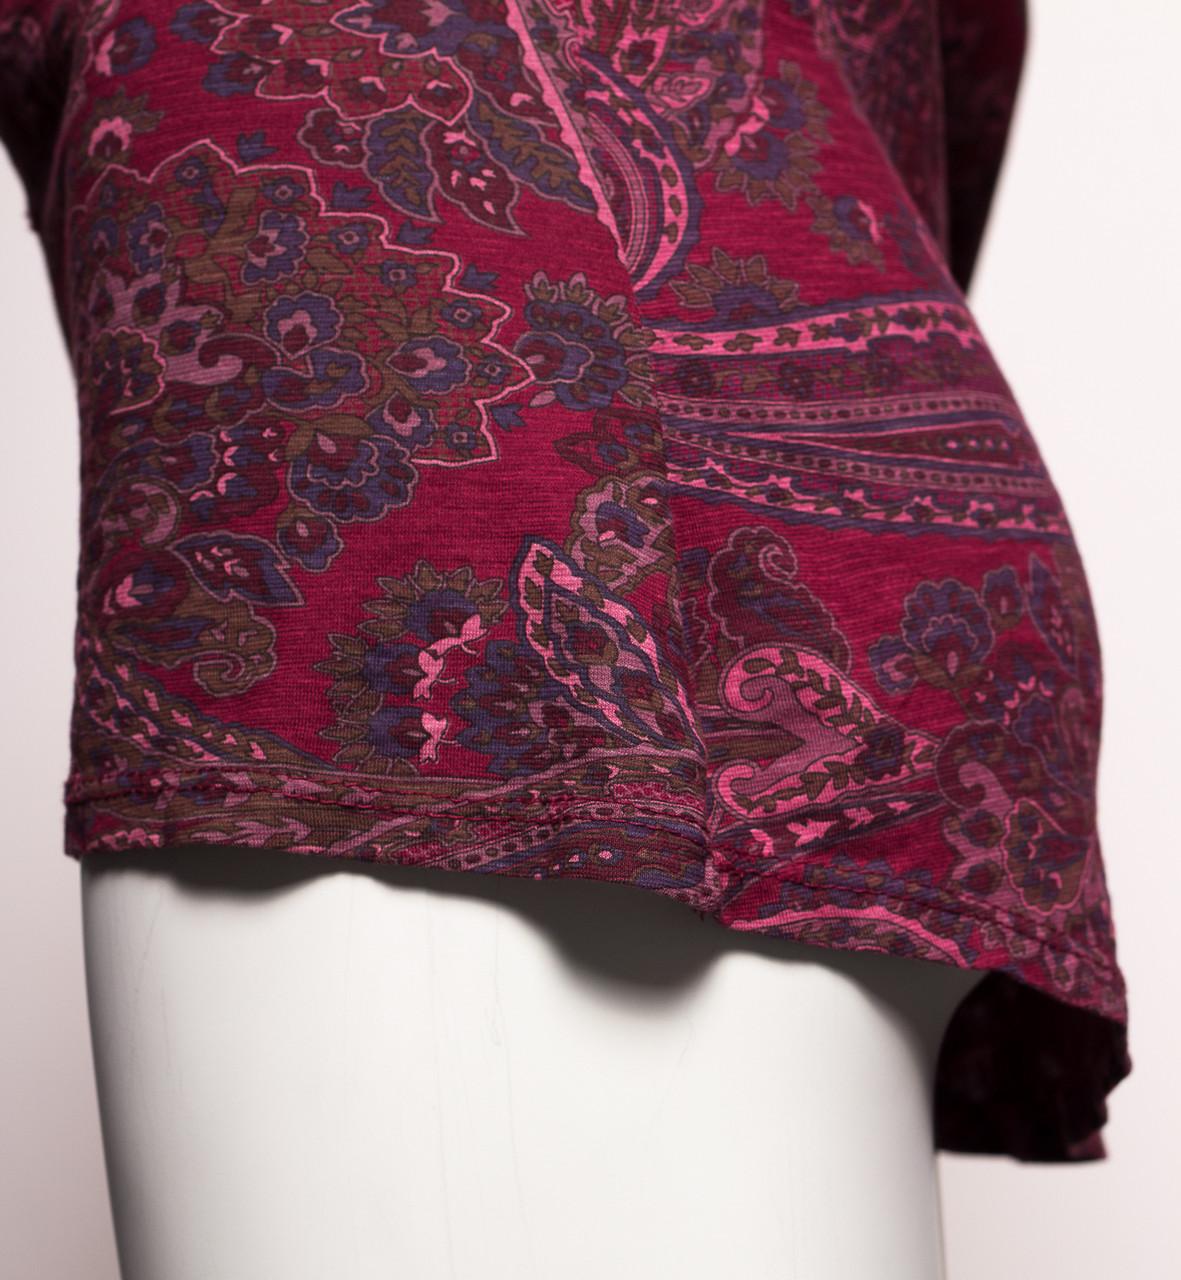 e08c77855d2 Dámské tričko s dlouhým rukávem motivem a flitry - vínová ...